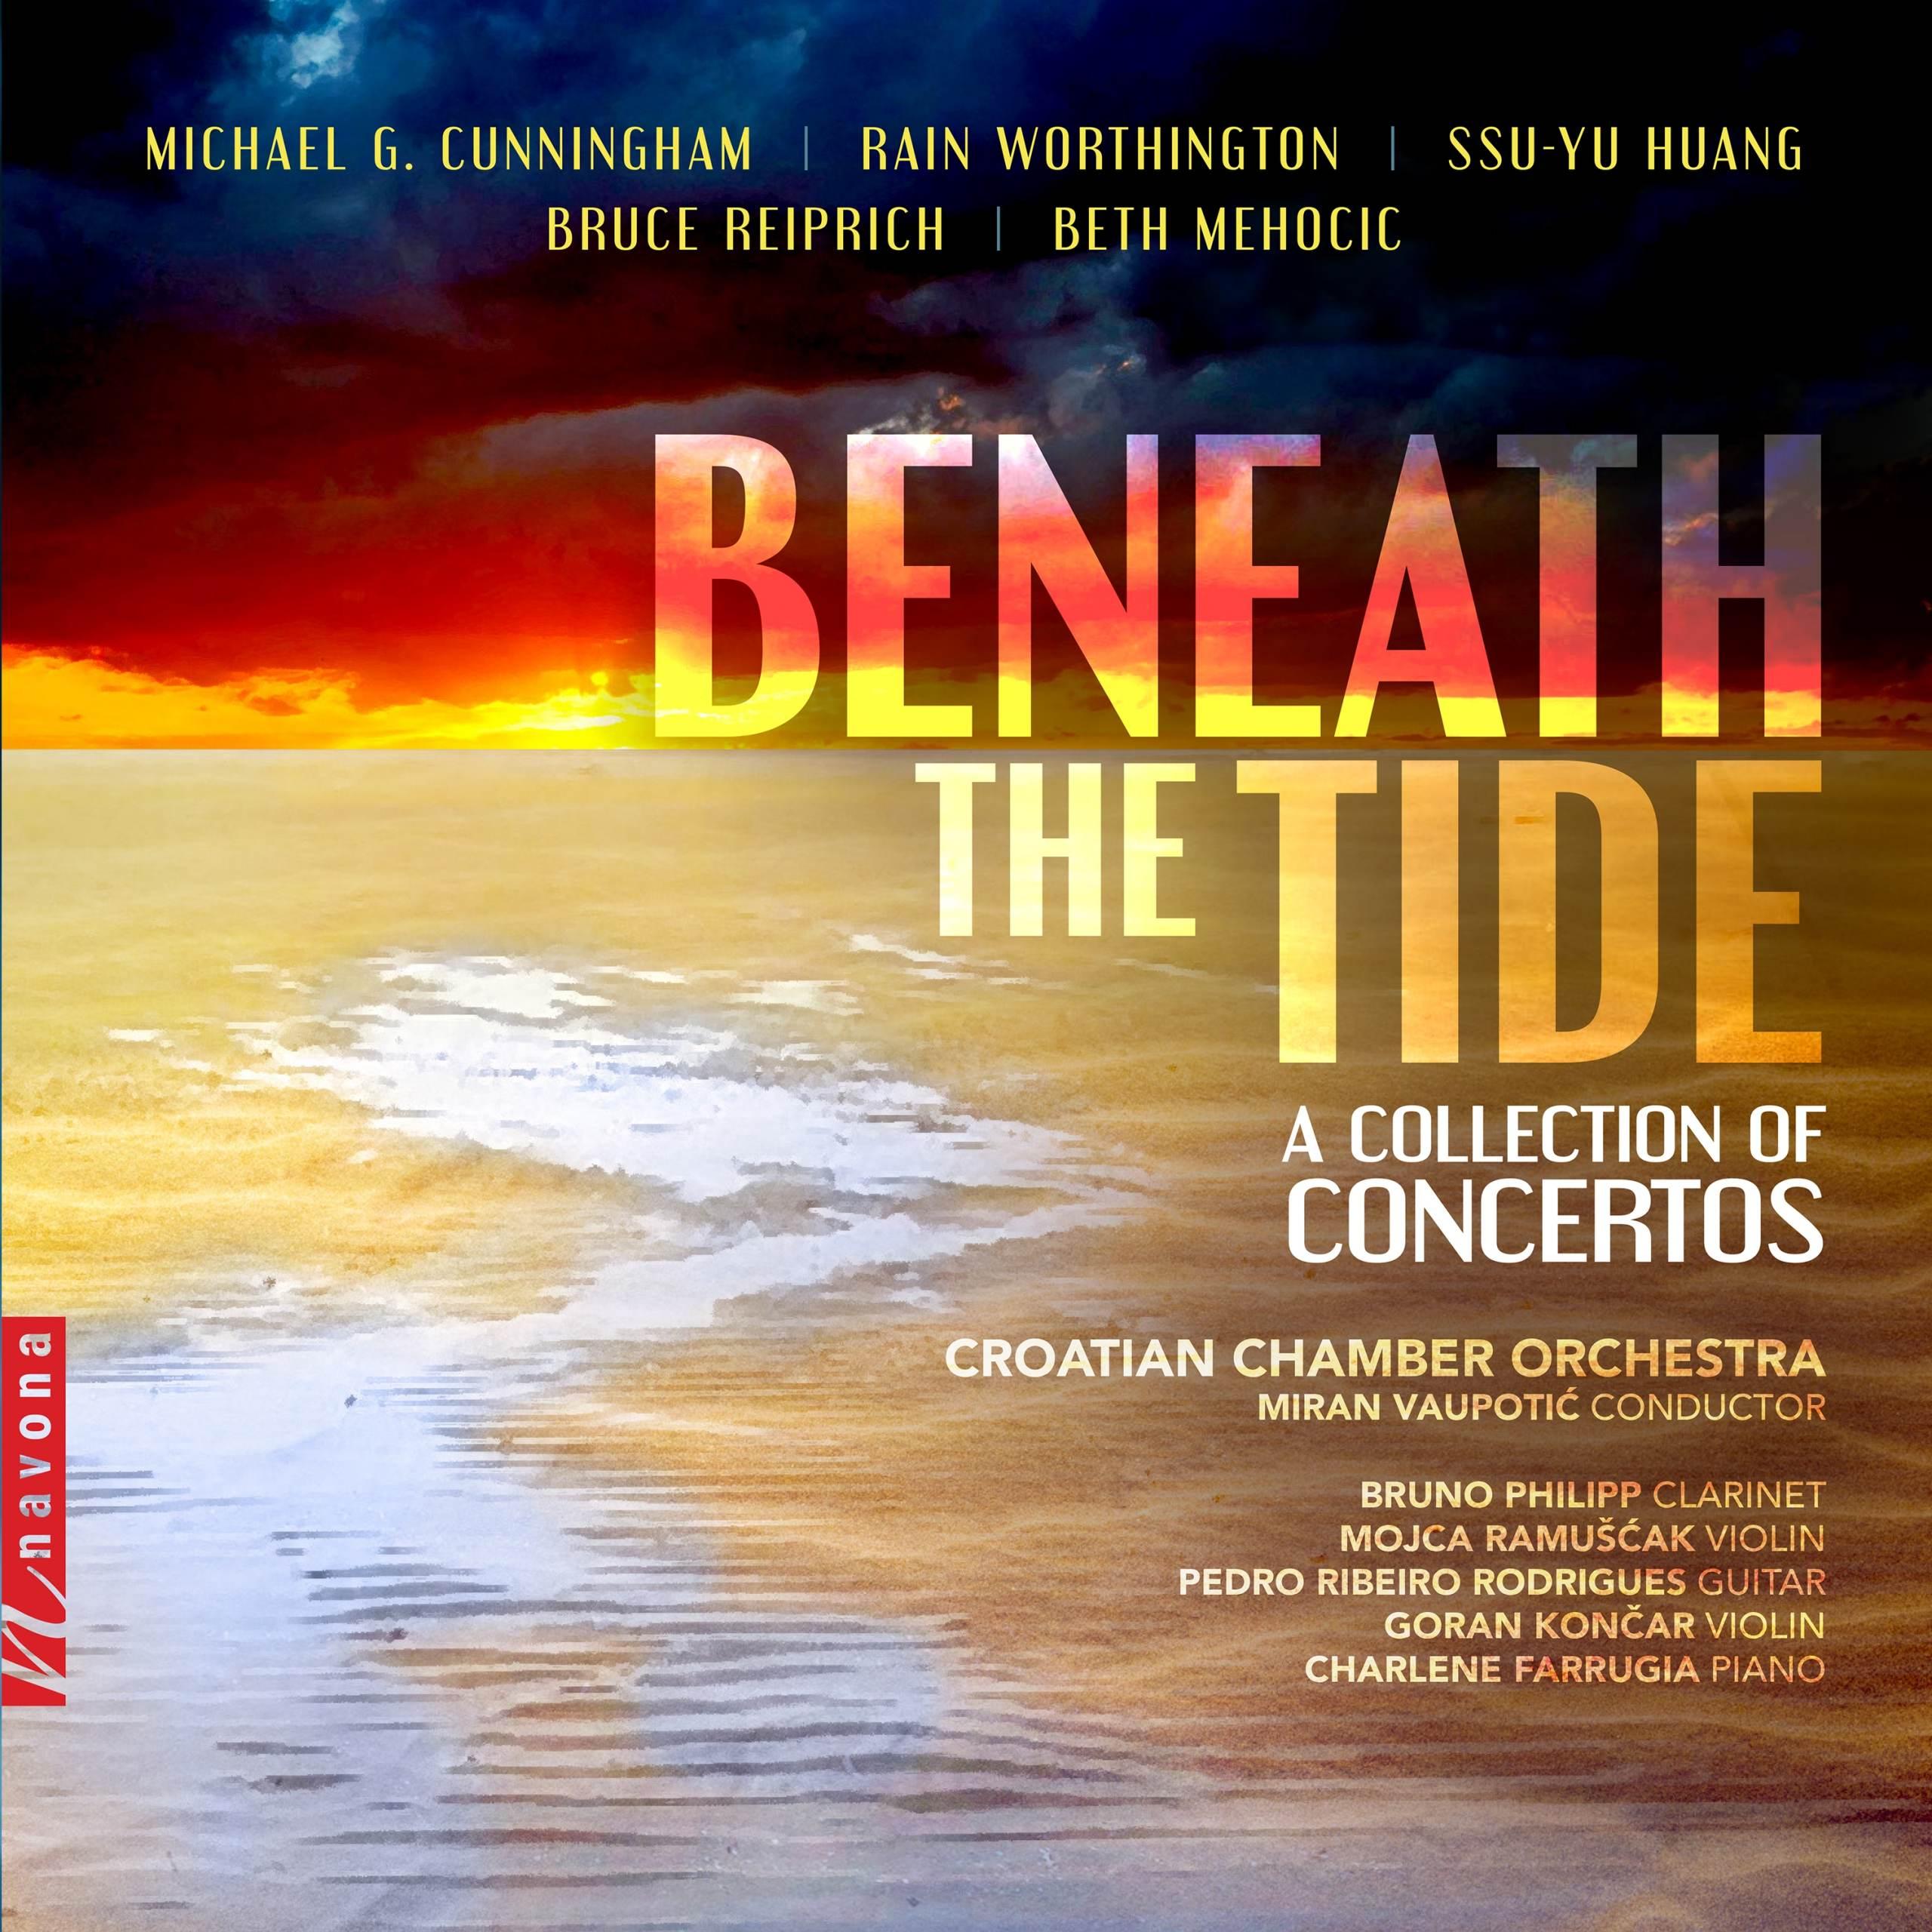 Beneath The Tide -album cover